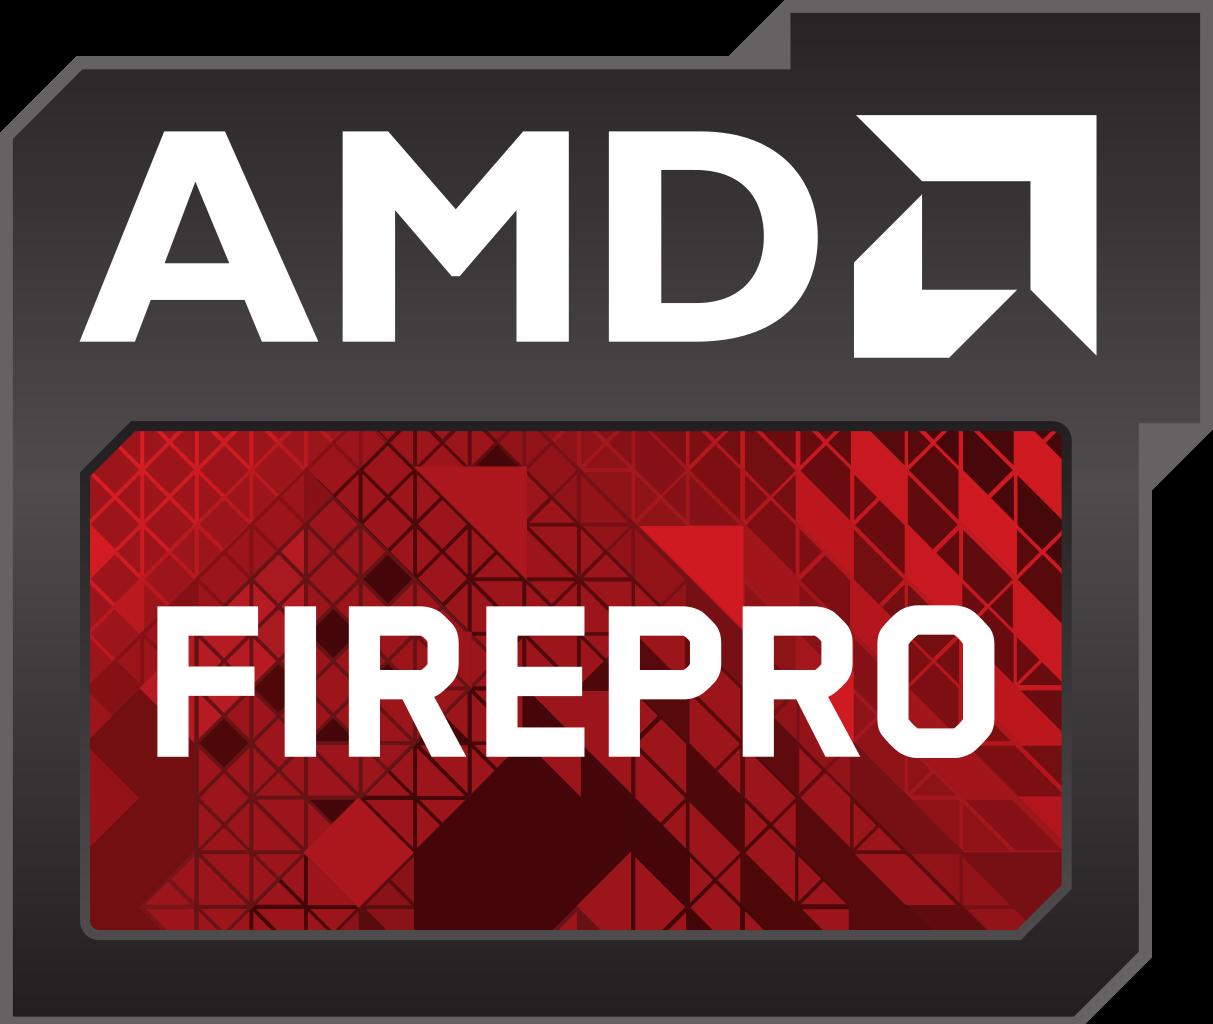 Ubuntu16.04(预装AMD驱动和KDE桌面系统)